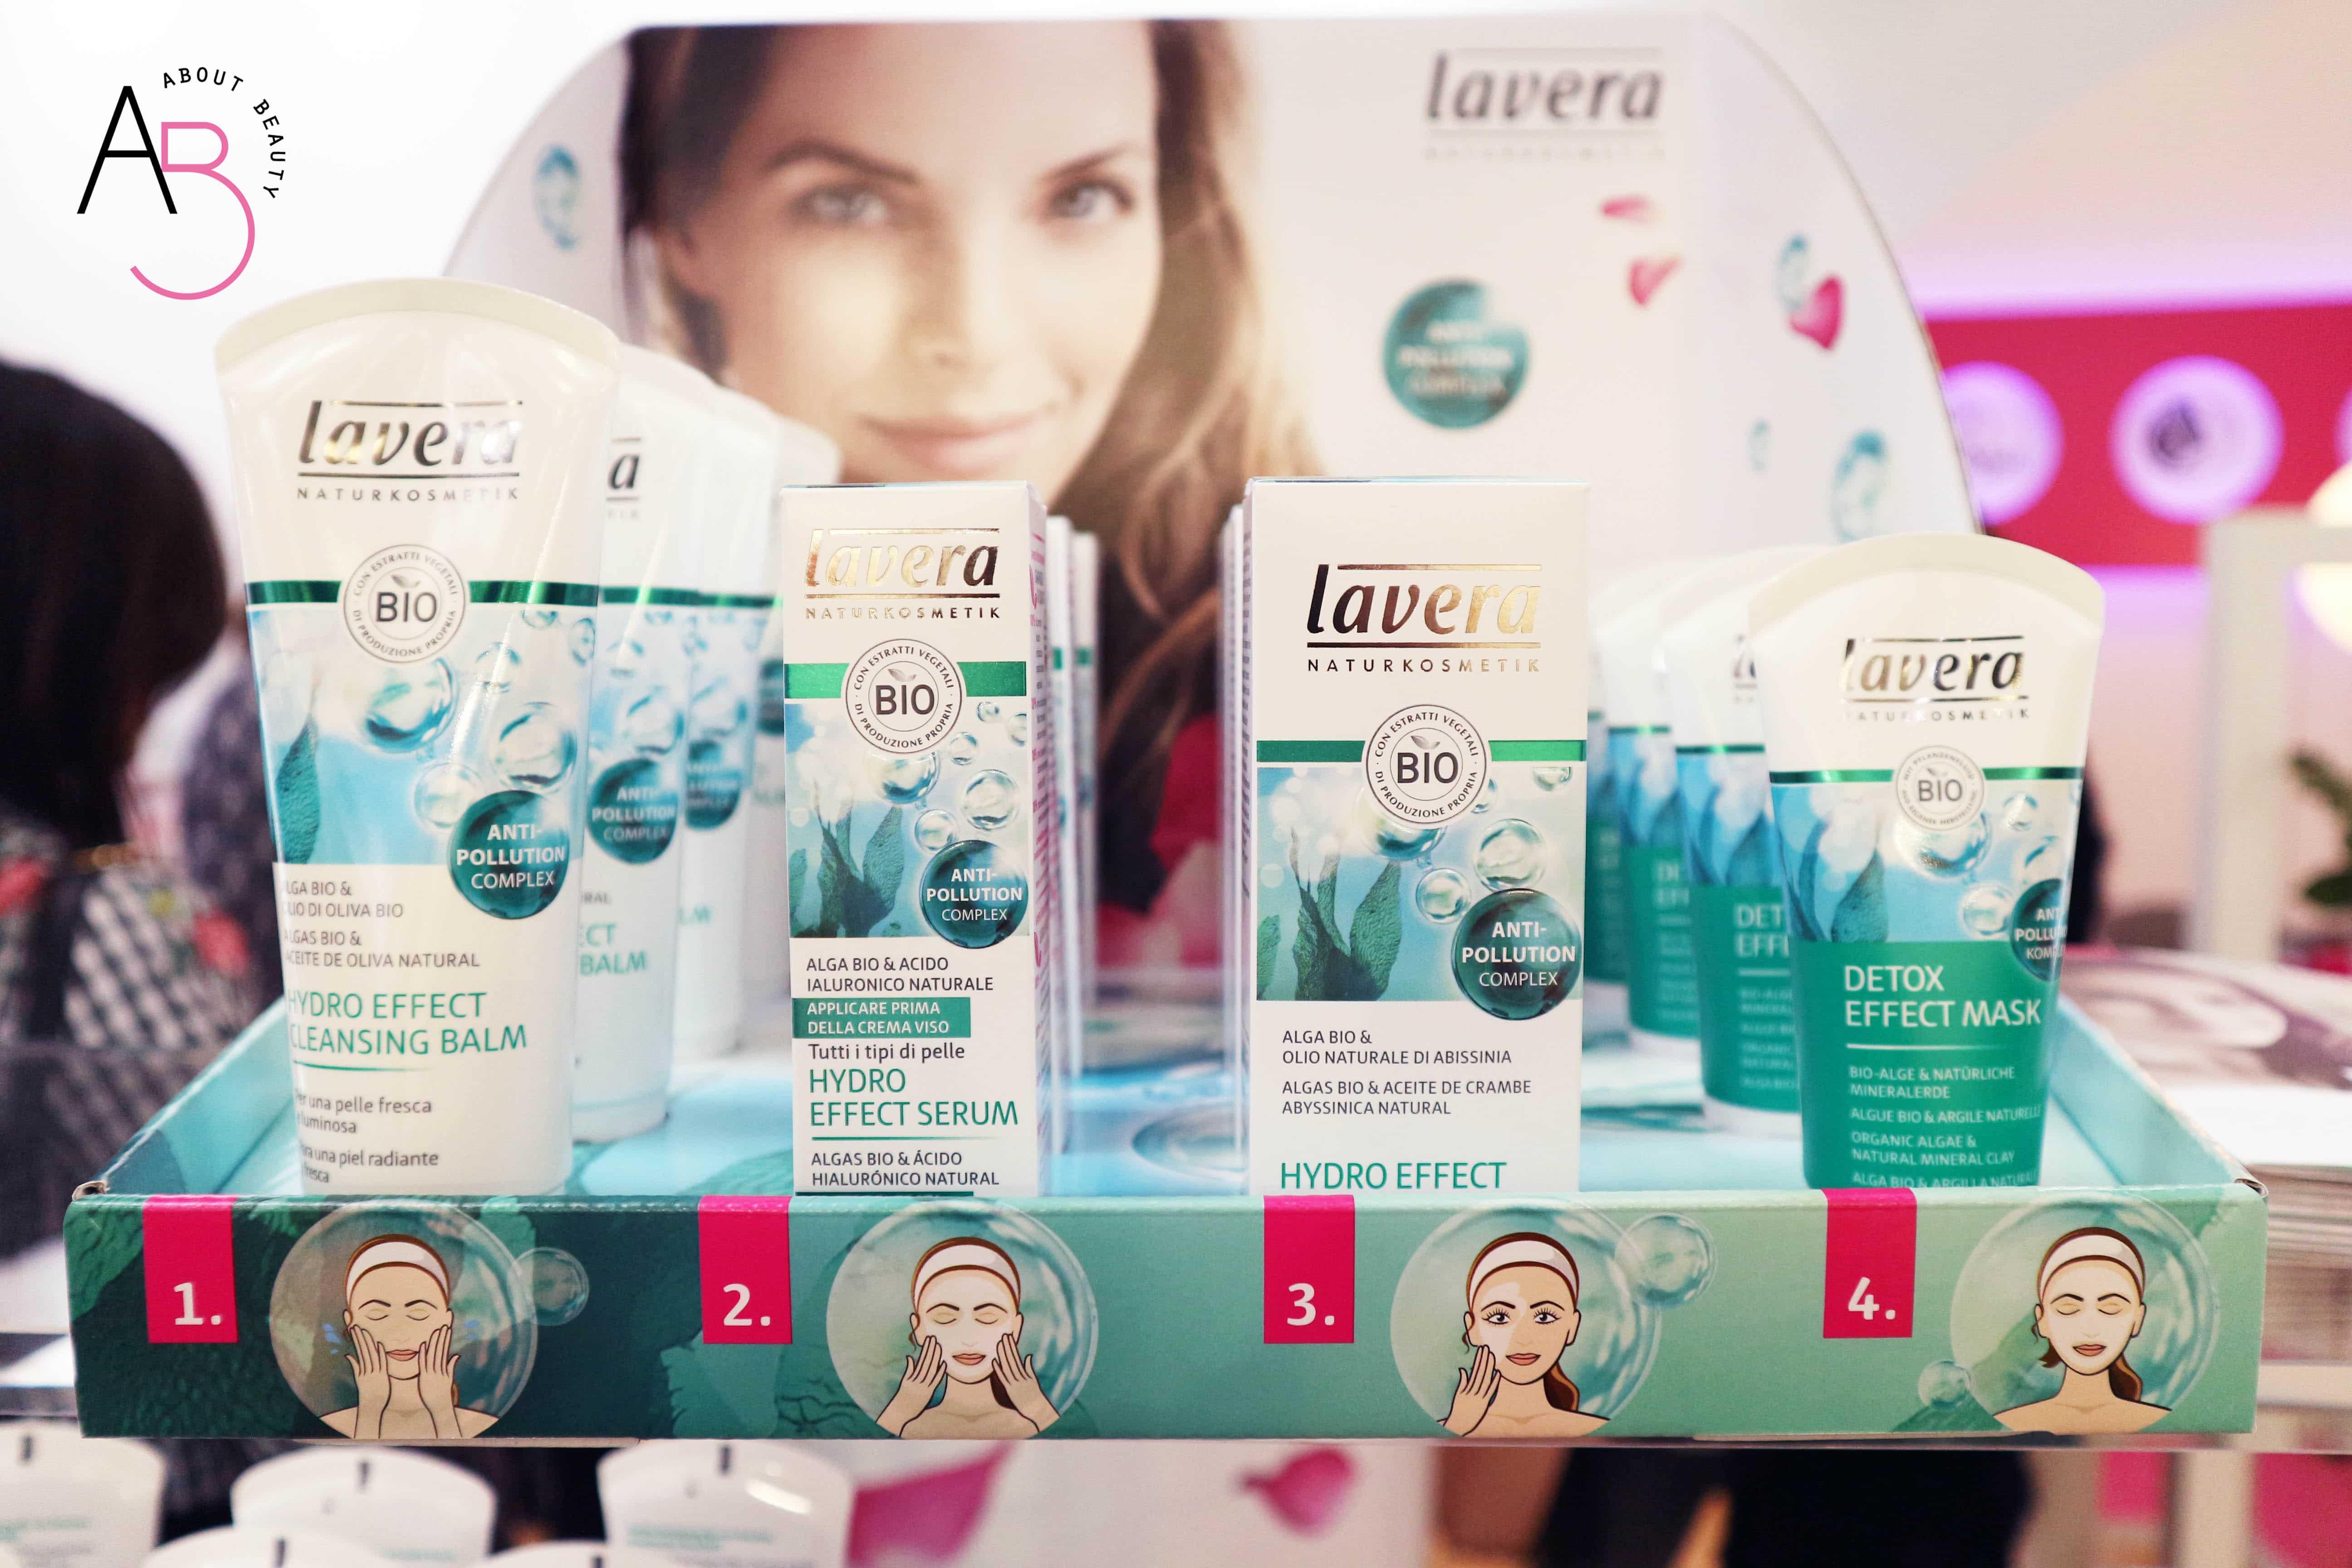 Pillole dal Cosmoprof #2 - Madara e Lavera - Novità Lavera - review, recensione, info, prezzo, dove acquistare - Hydro Effect Serum